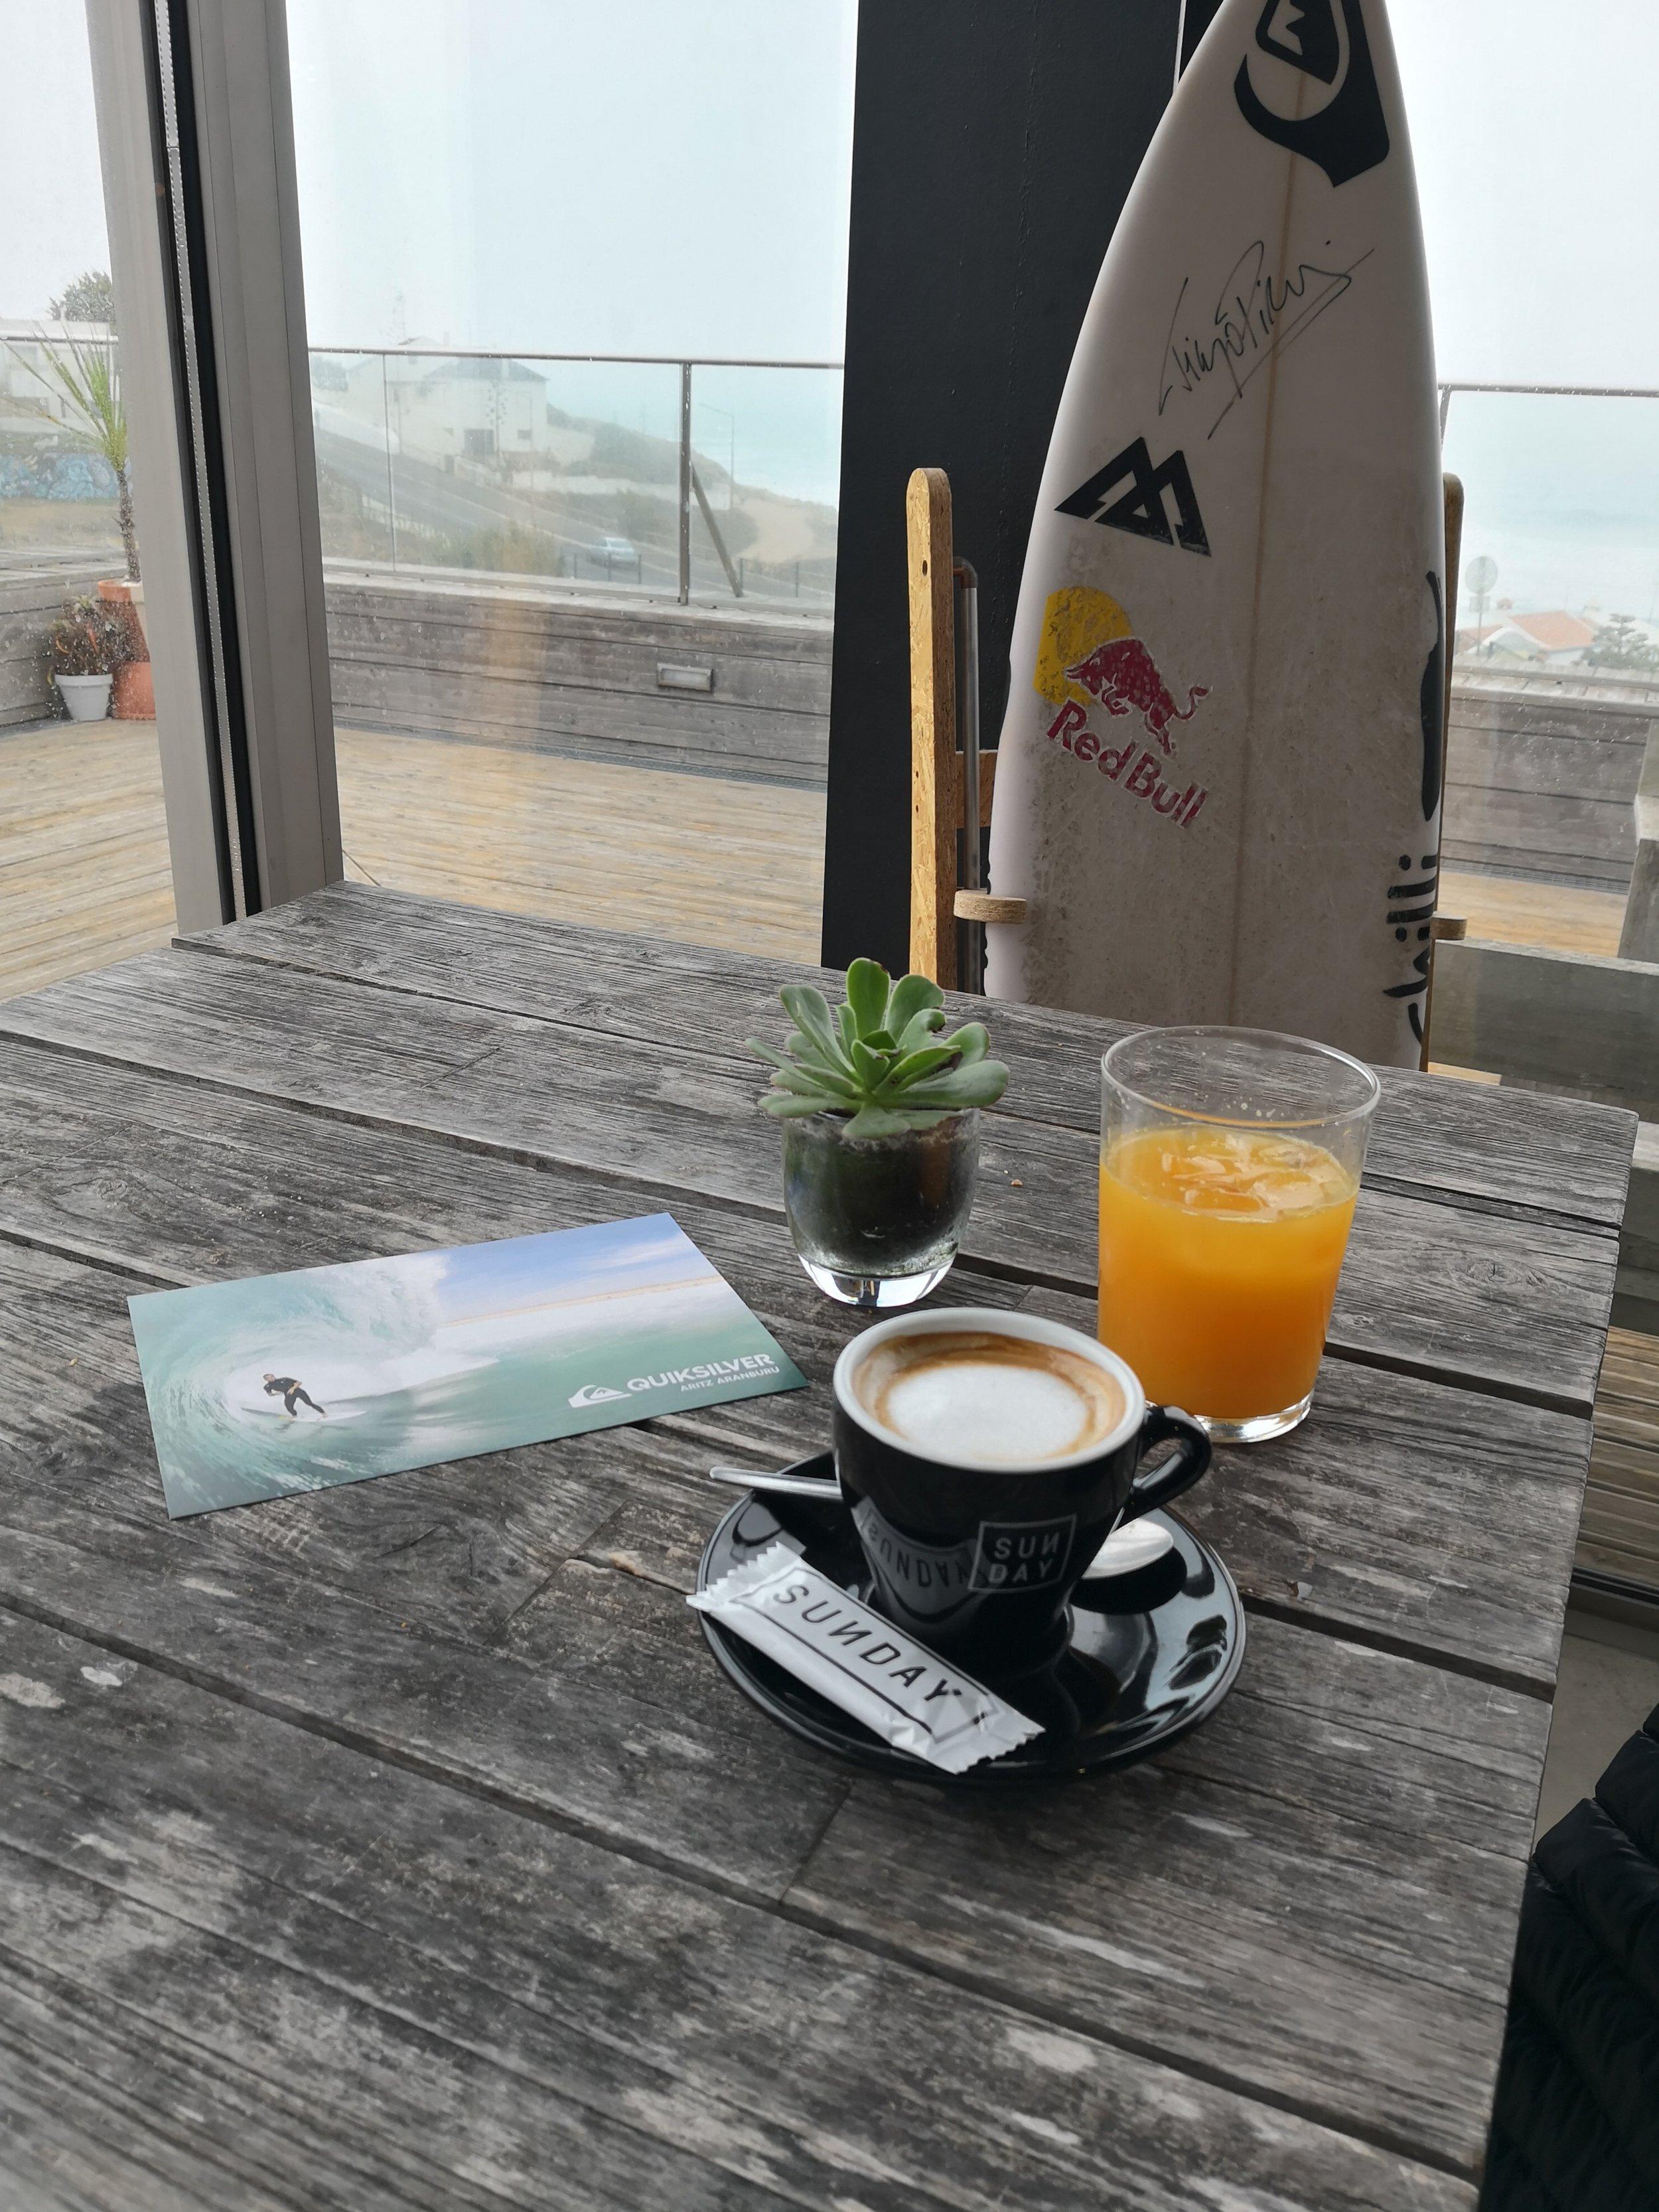 Surfboard-Organgensaft-Kaffee-Tisch.jpg